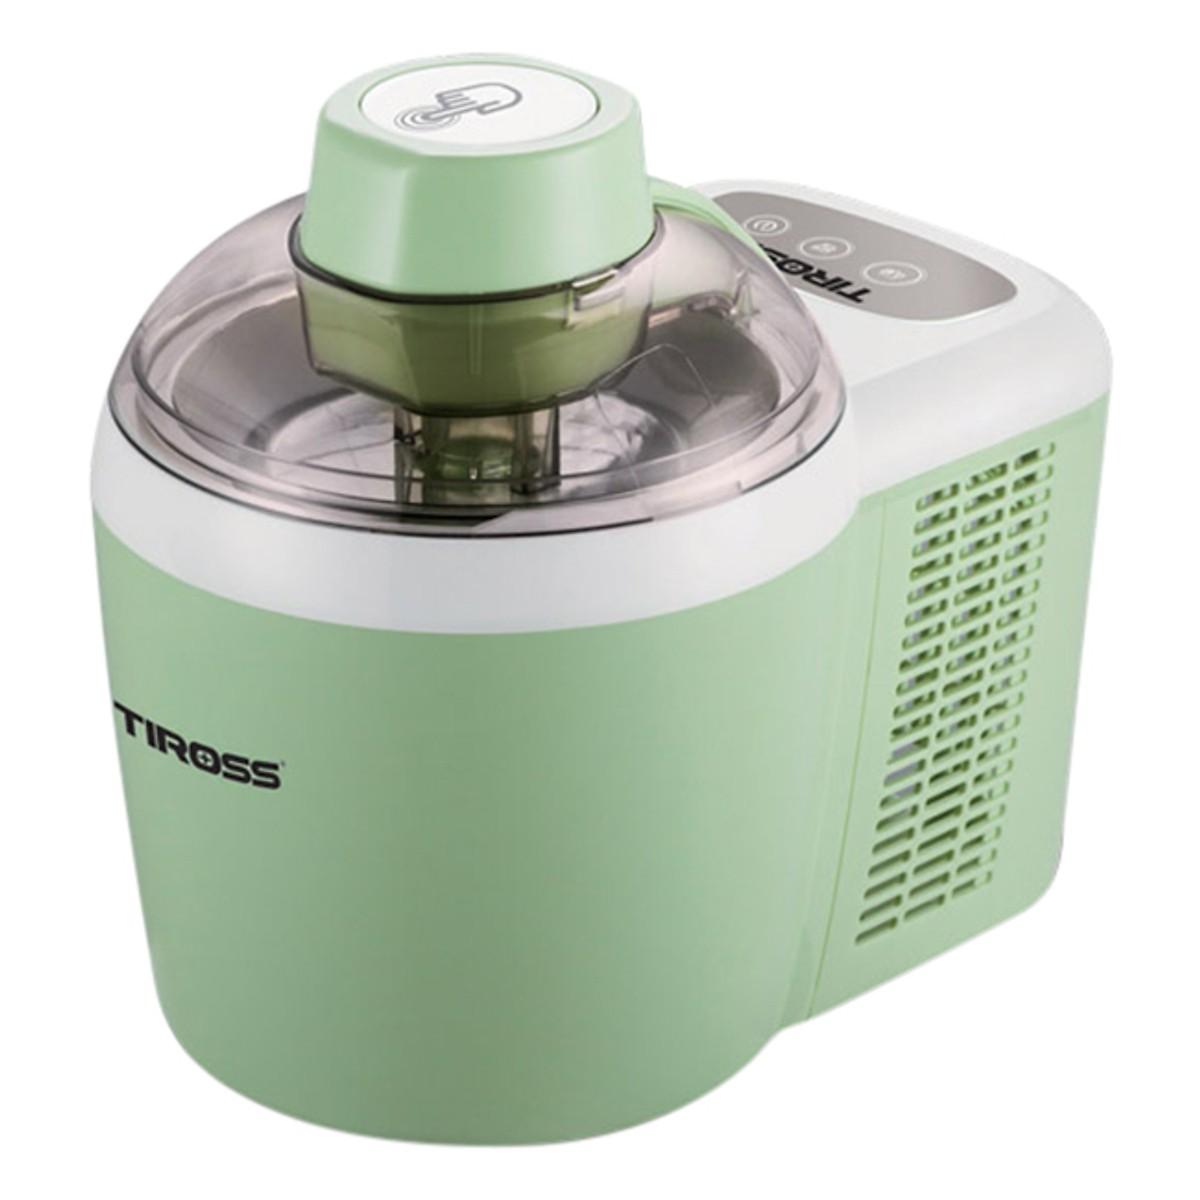 Mua máy làm kem gia đình loại nào tốt Tiross, Kahchan hay Eurohome? 3